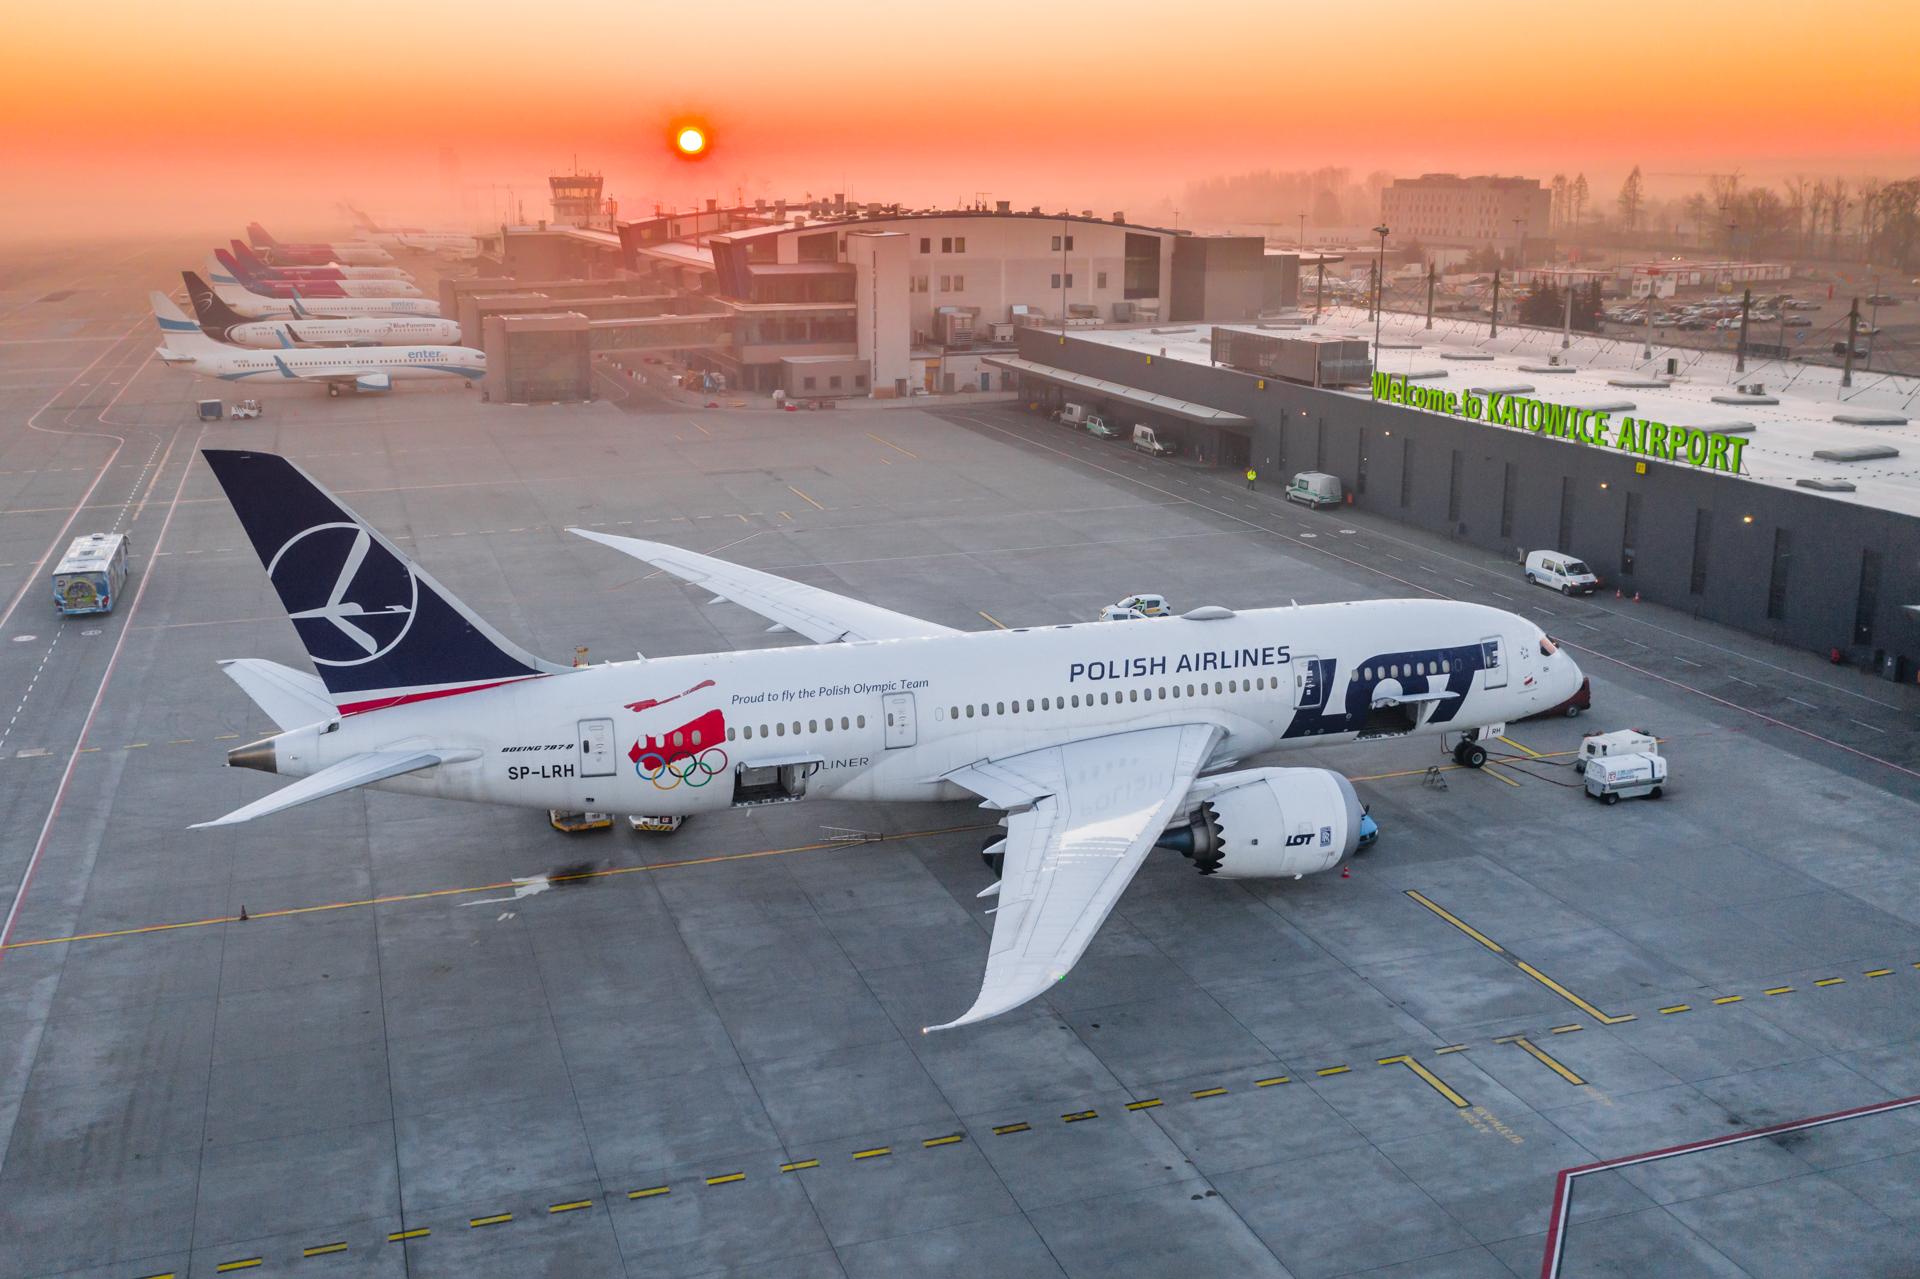 Z KATOWICE AIRPORT WYSTARTOWAŁY DALEKODYSTANSOWE POŁĄCZENIA CZARTEROWE DO MEKSYKU I DOMINIKANY